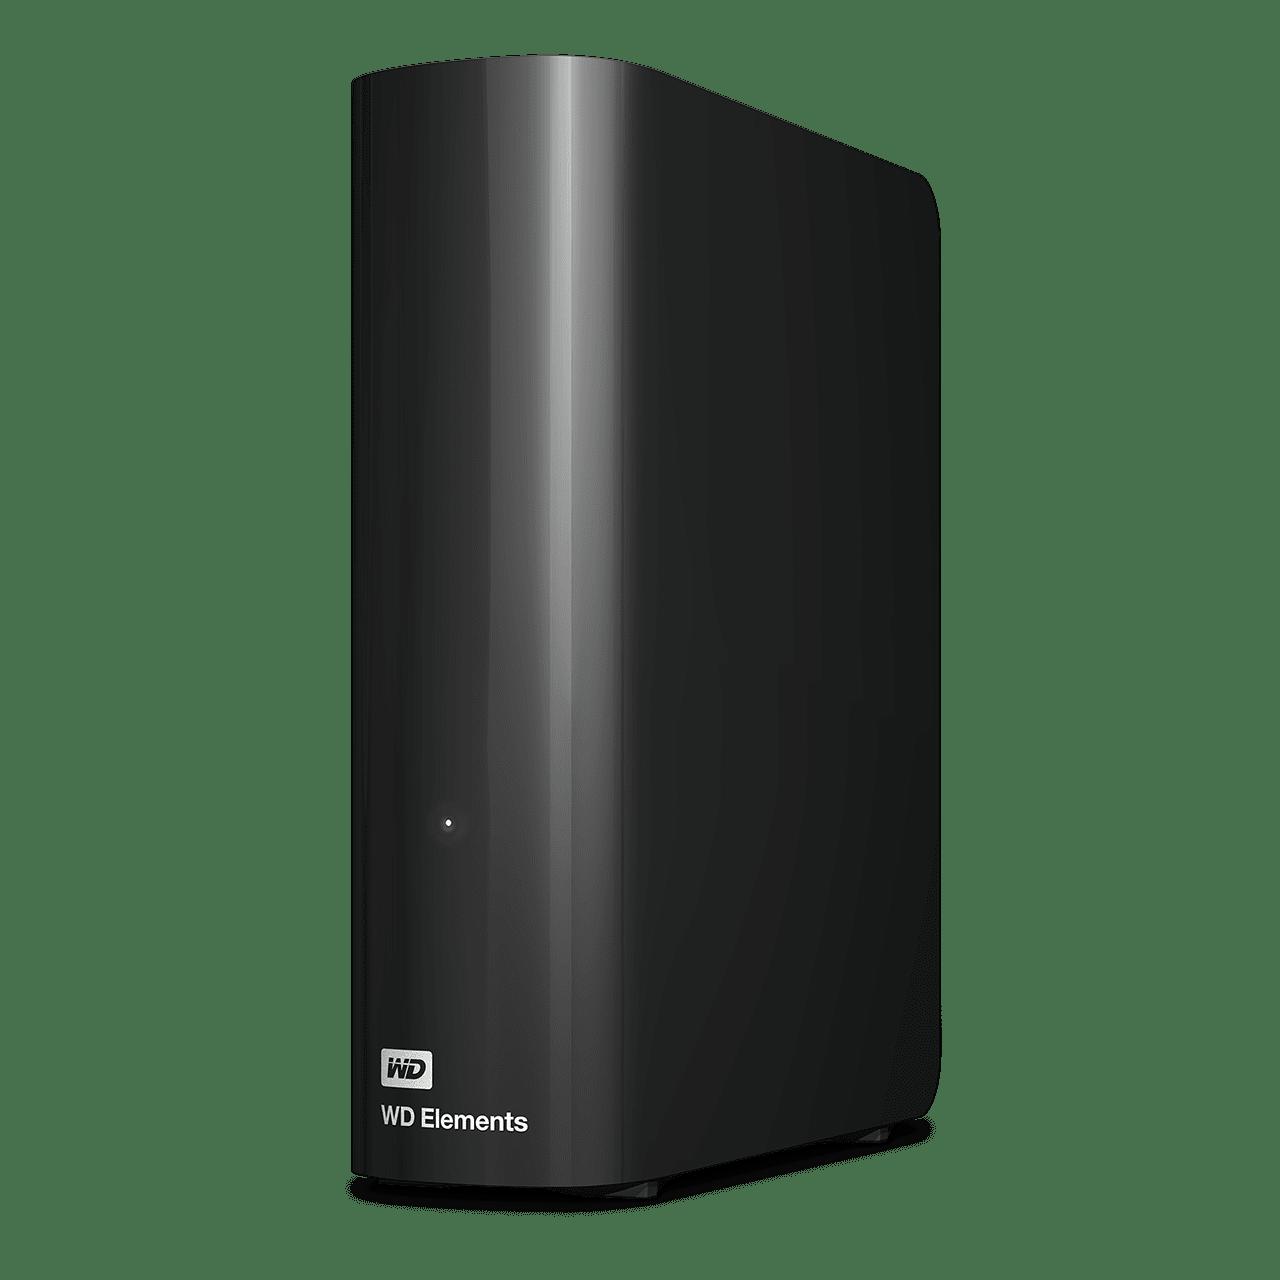 wd-elements-desktop-right-png-thumb-1280-1280